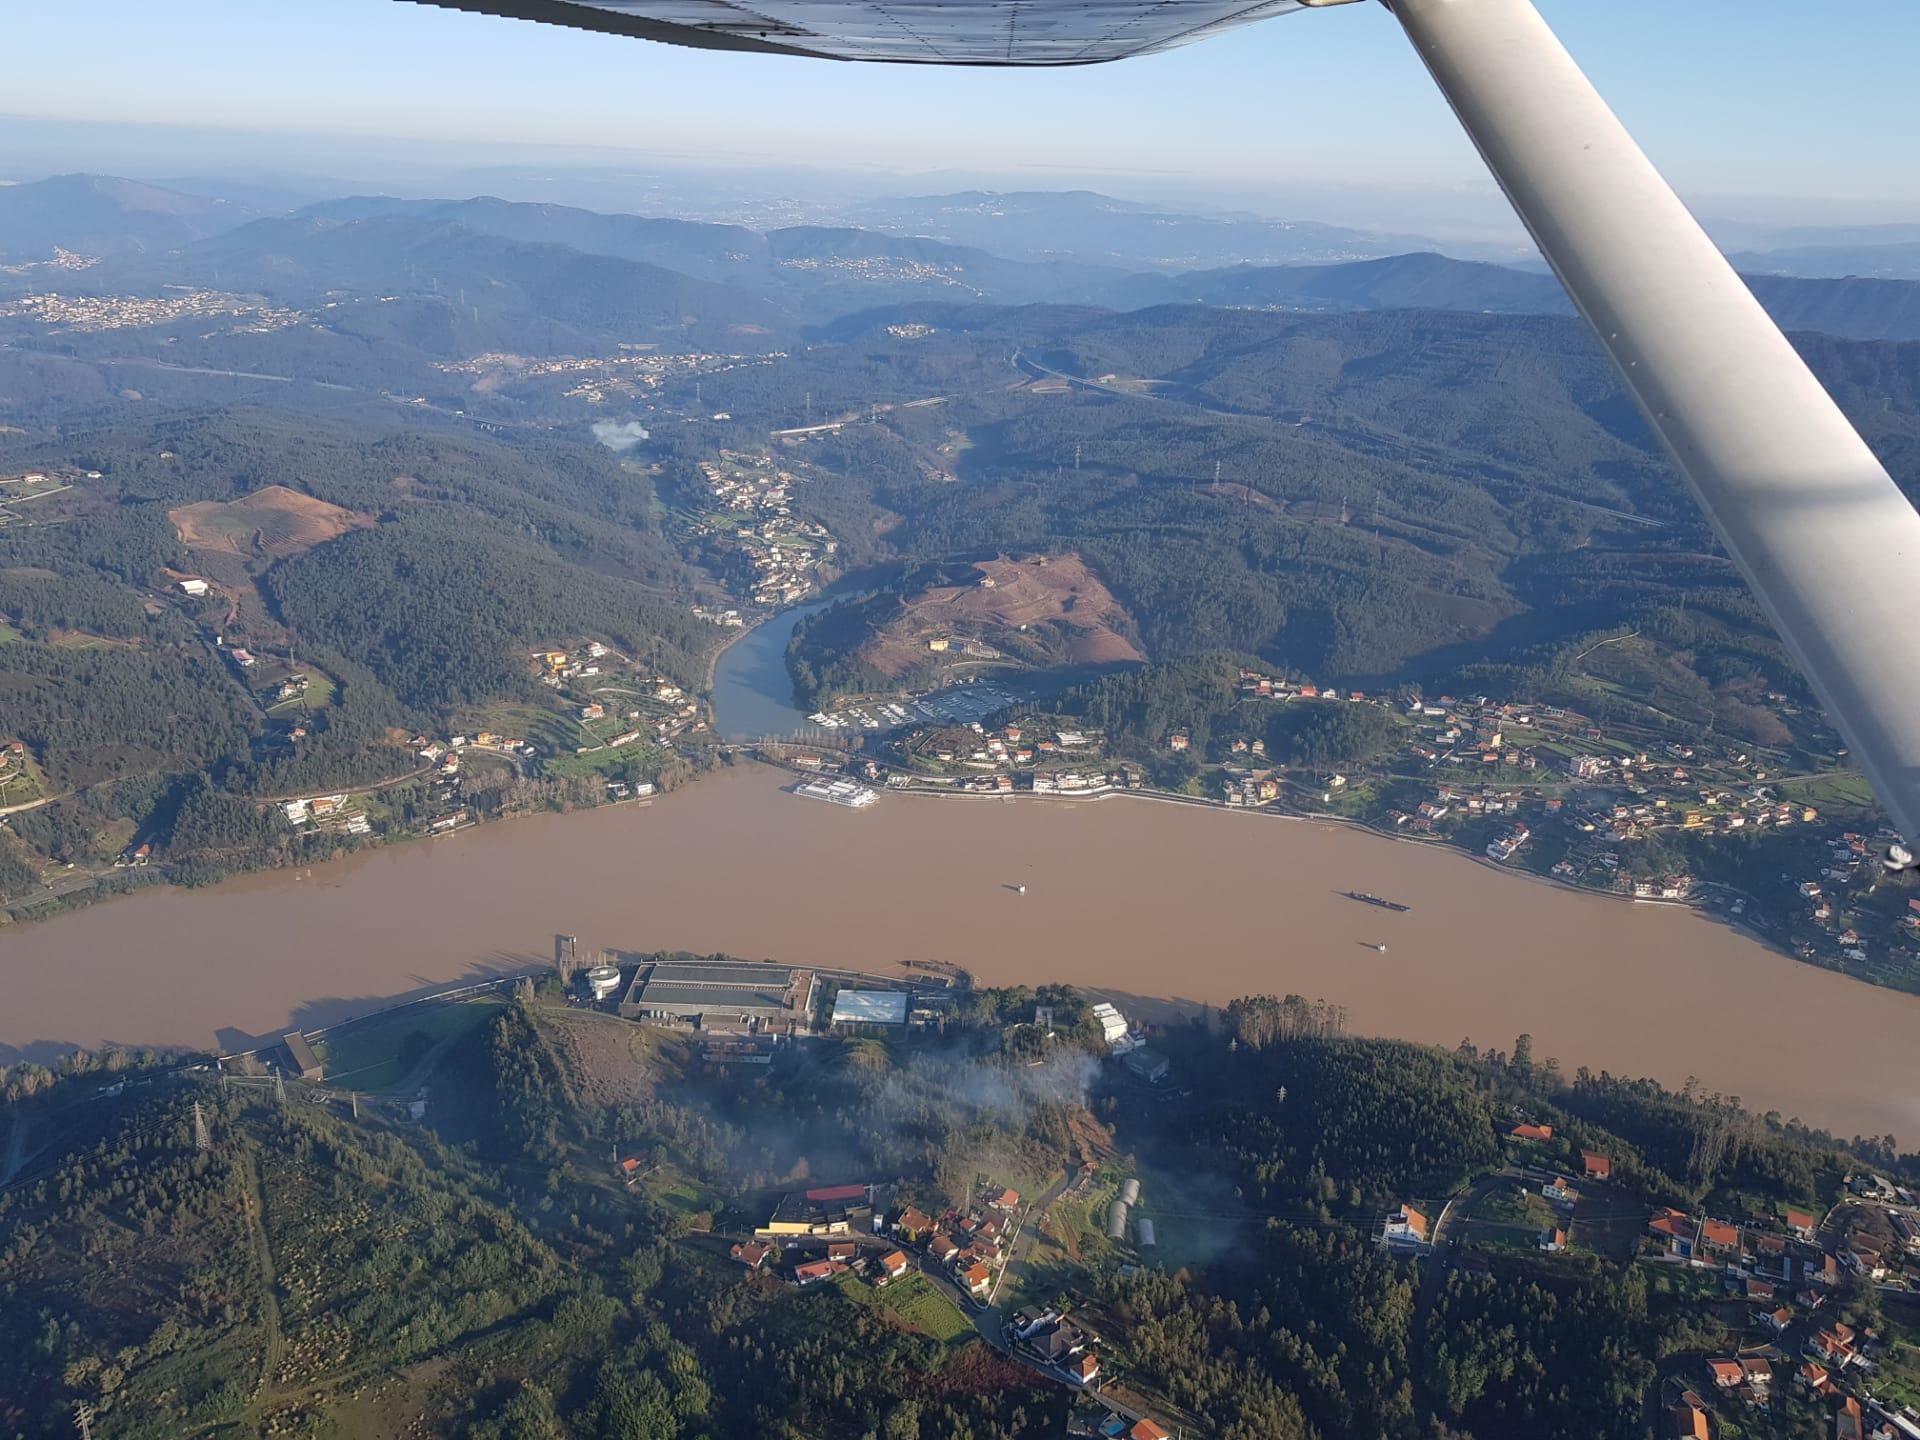 LM-Arquivo-Douro-Paiva-Foto-Aerea-ETA-Lever-045